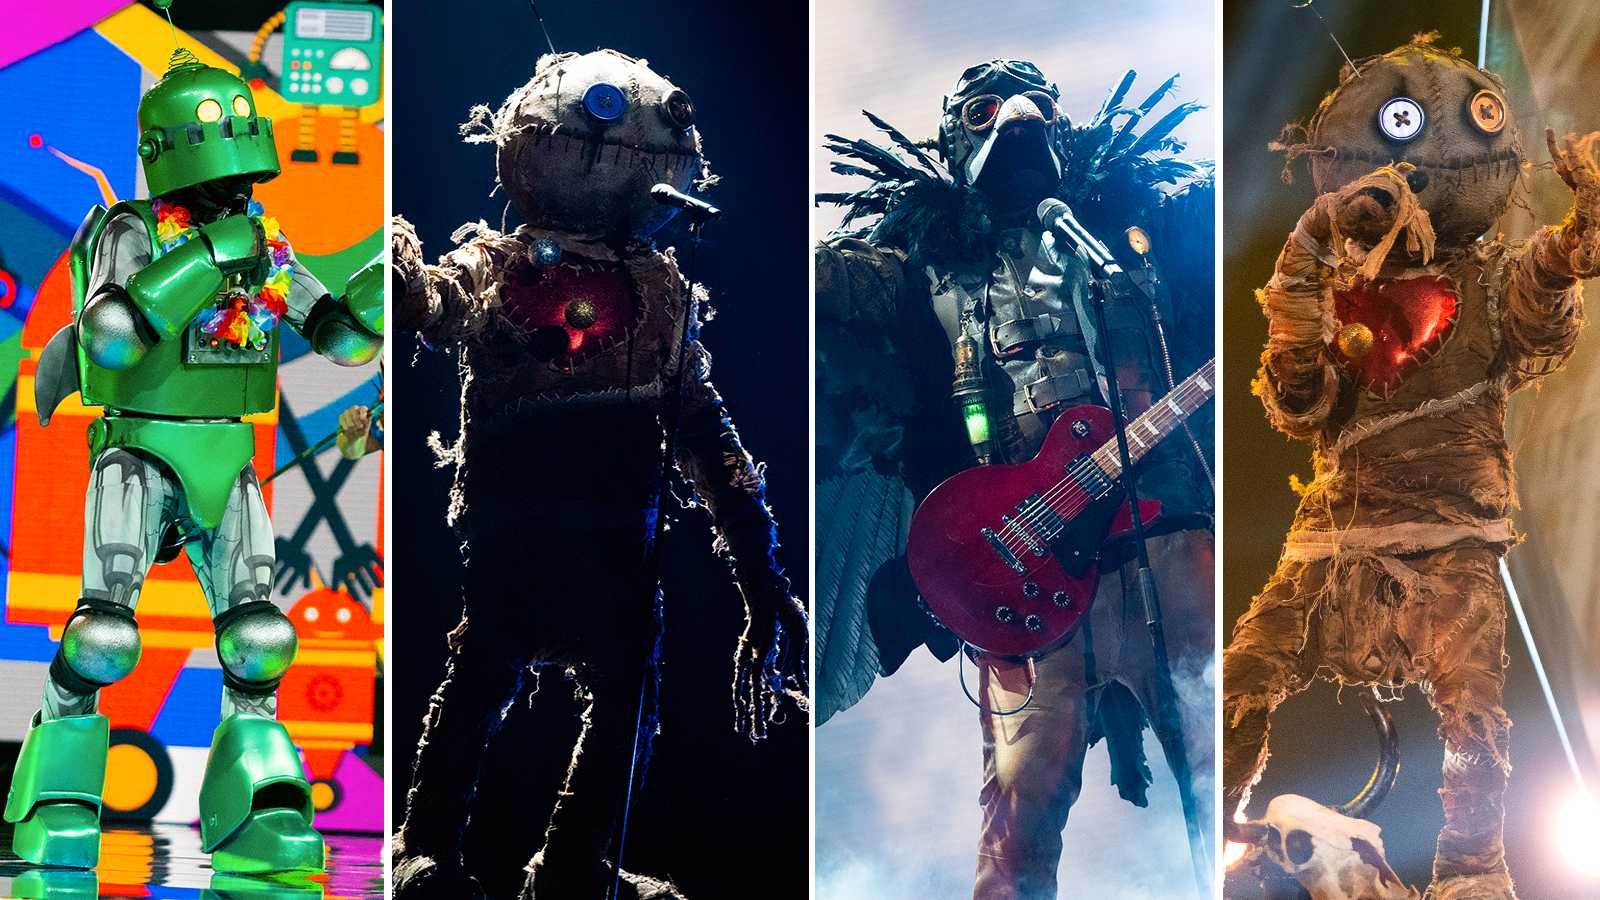 Masked singer 30 april 2021 - korpen, draken, roboten ...